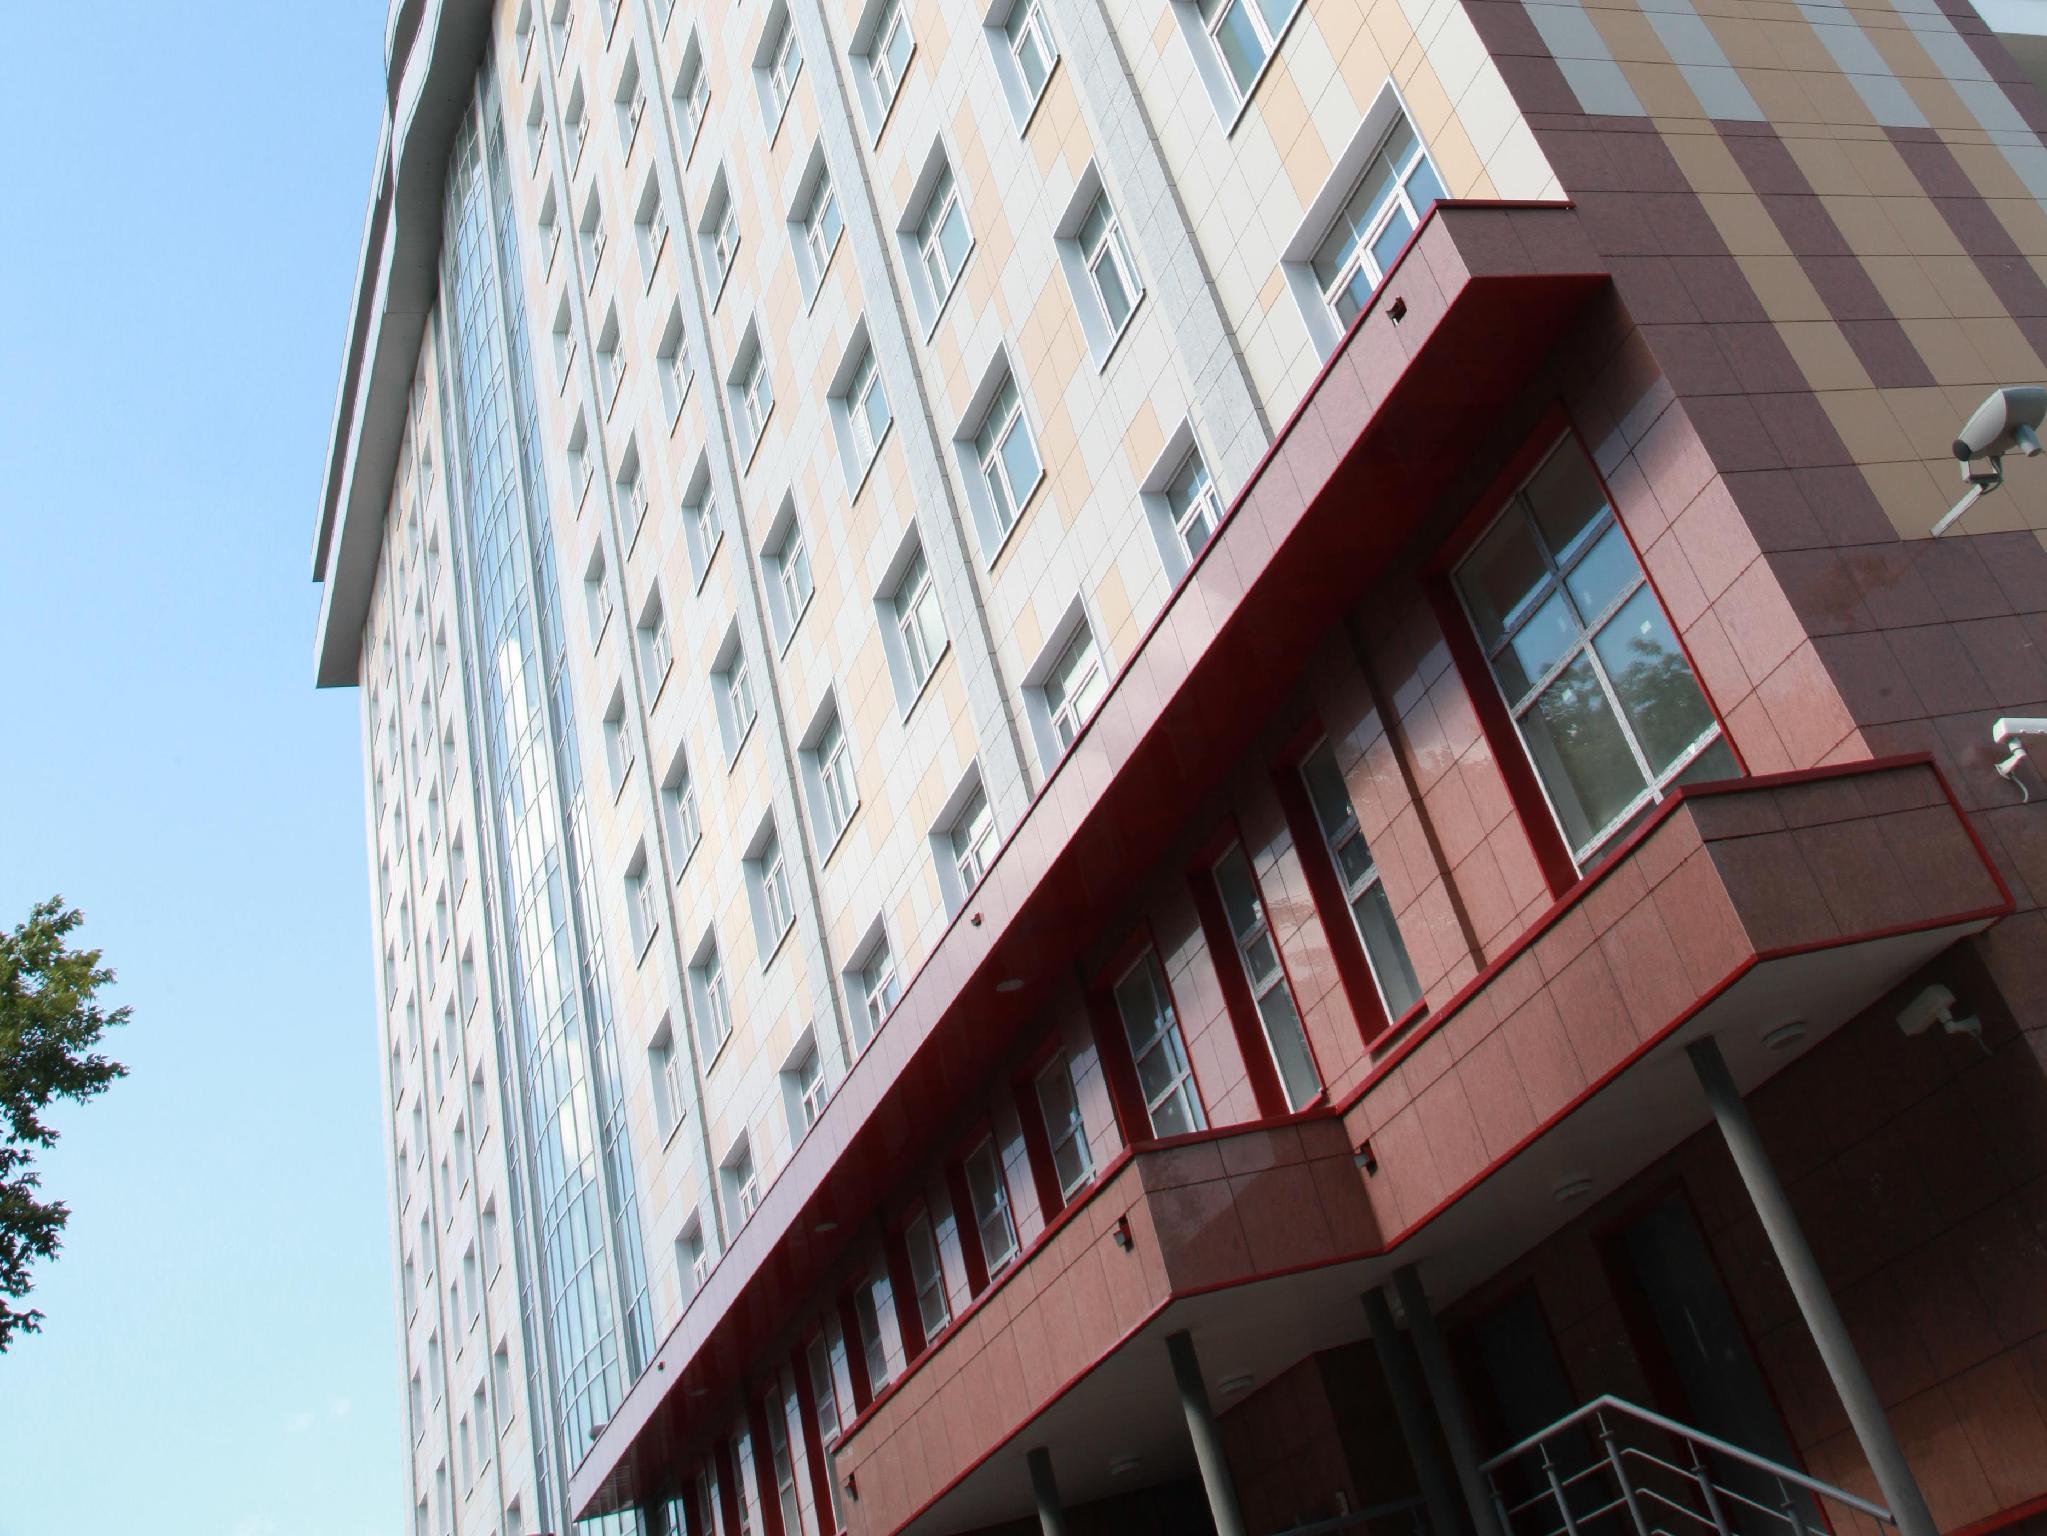 Intourist Kolomenskoye Hotel